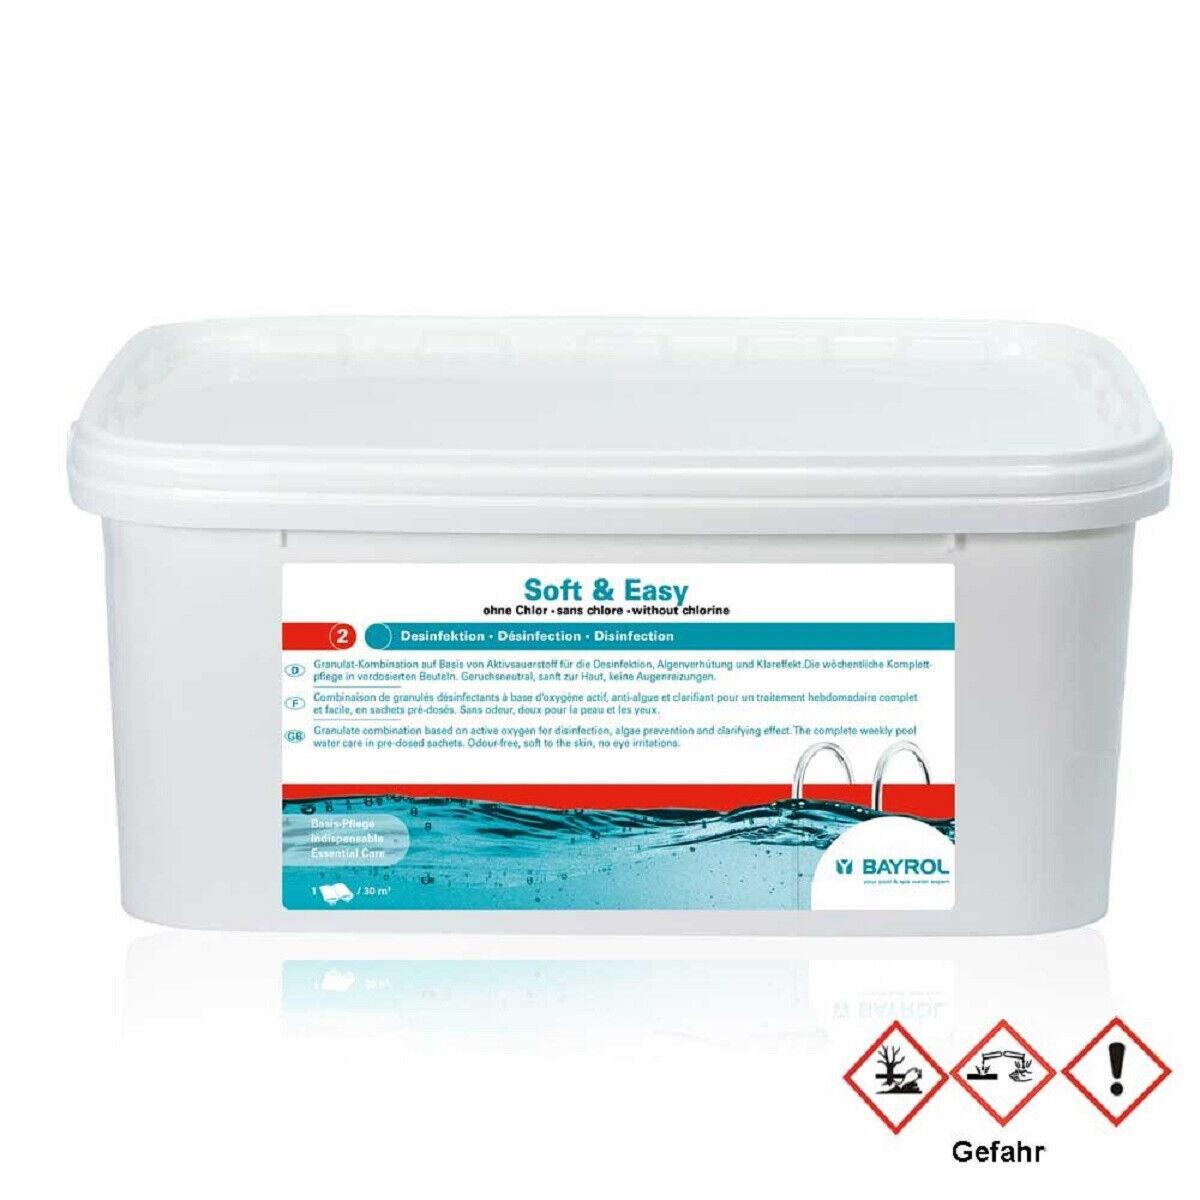 Aktivsauerstoff, Granulat, Soft & Easy, ohne Chlor Wasserpflege Pool chlorfrei